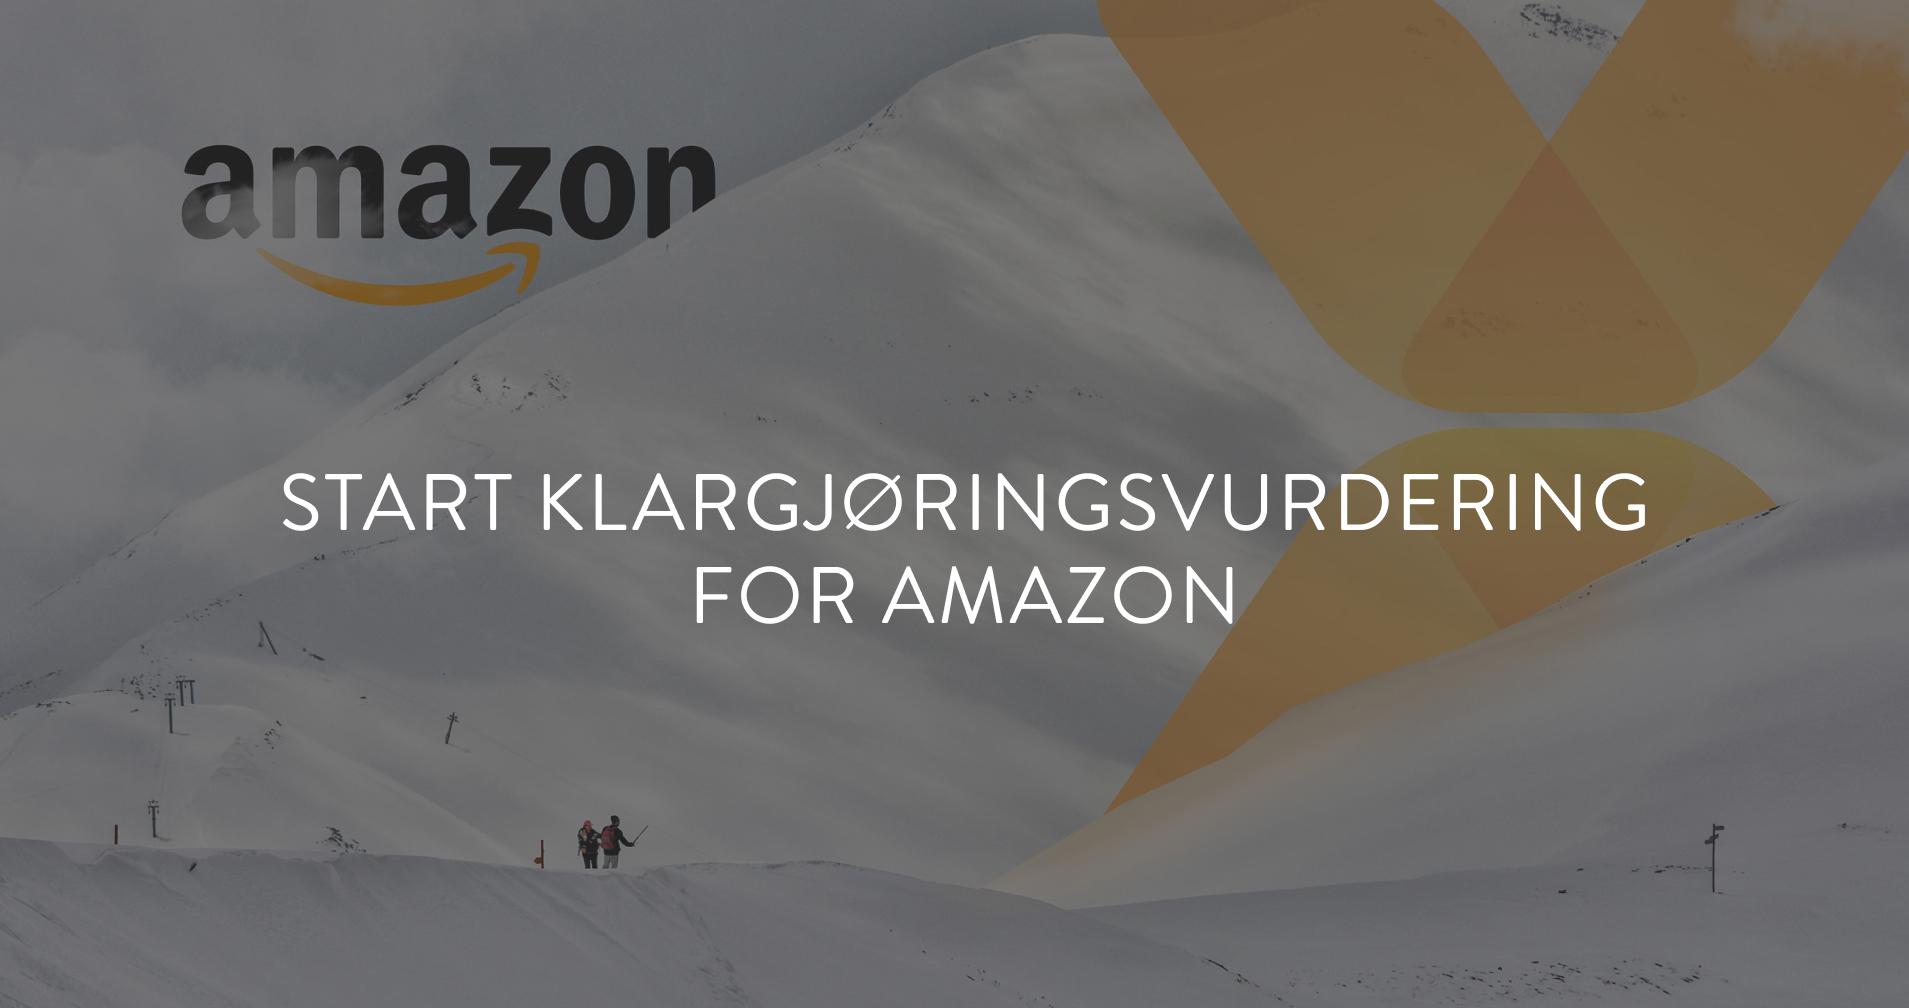 Amazon readiness